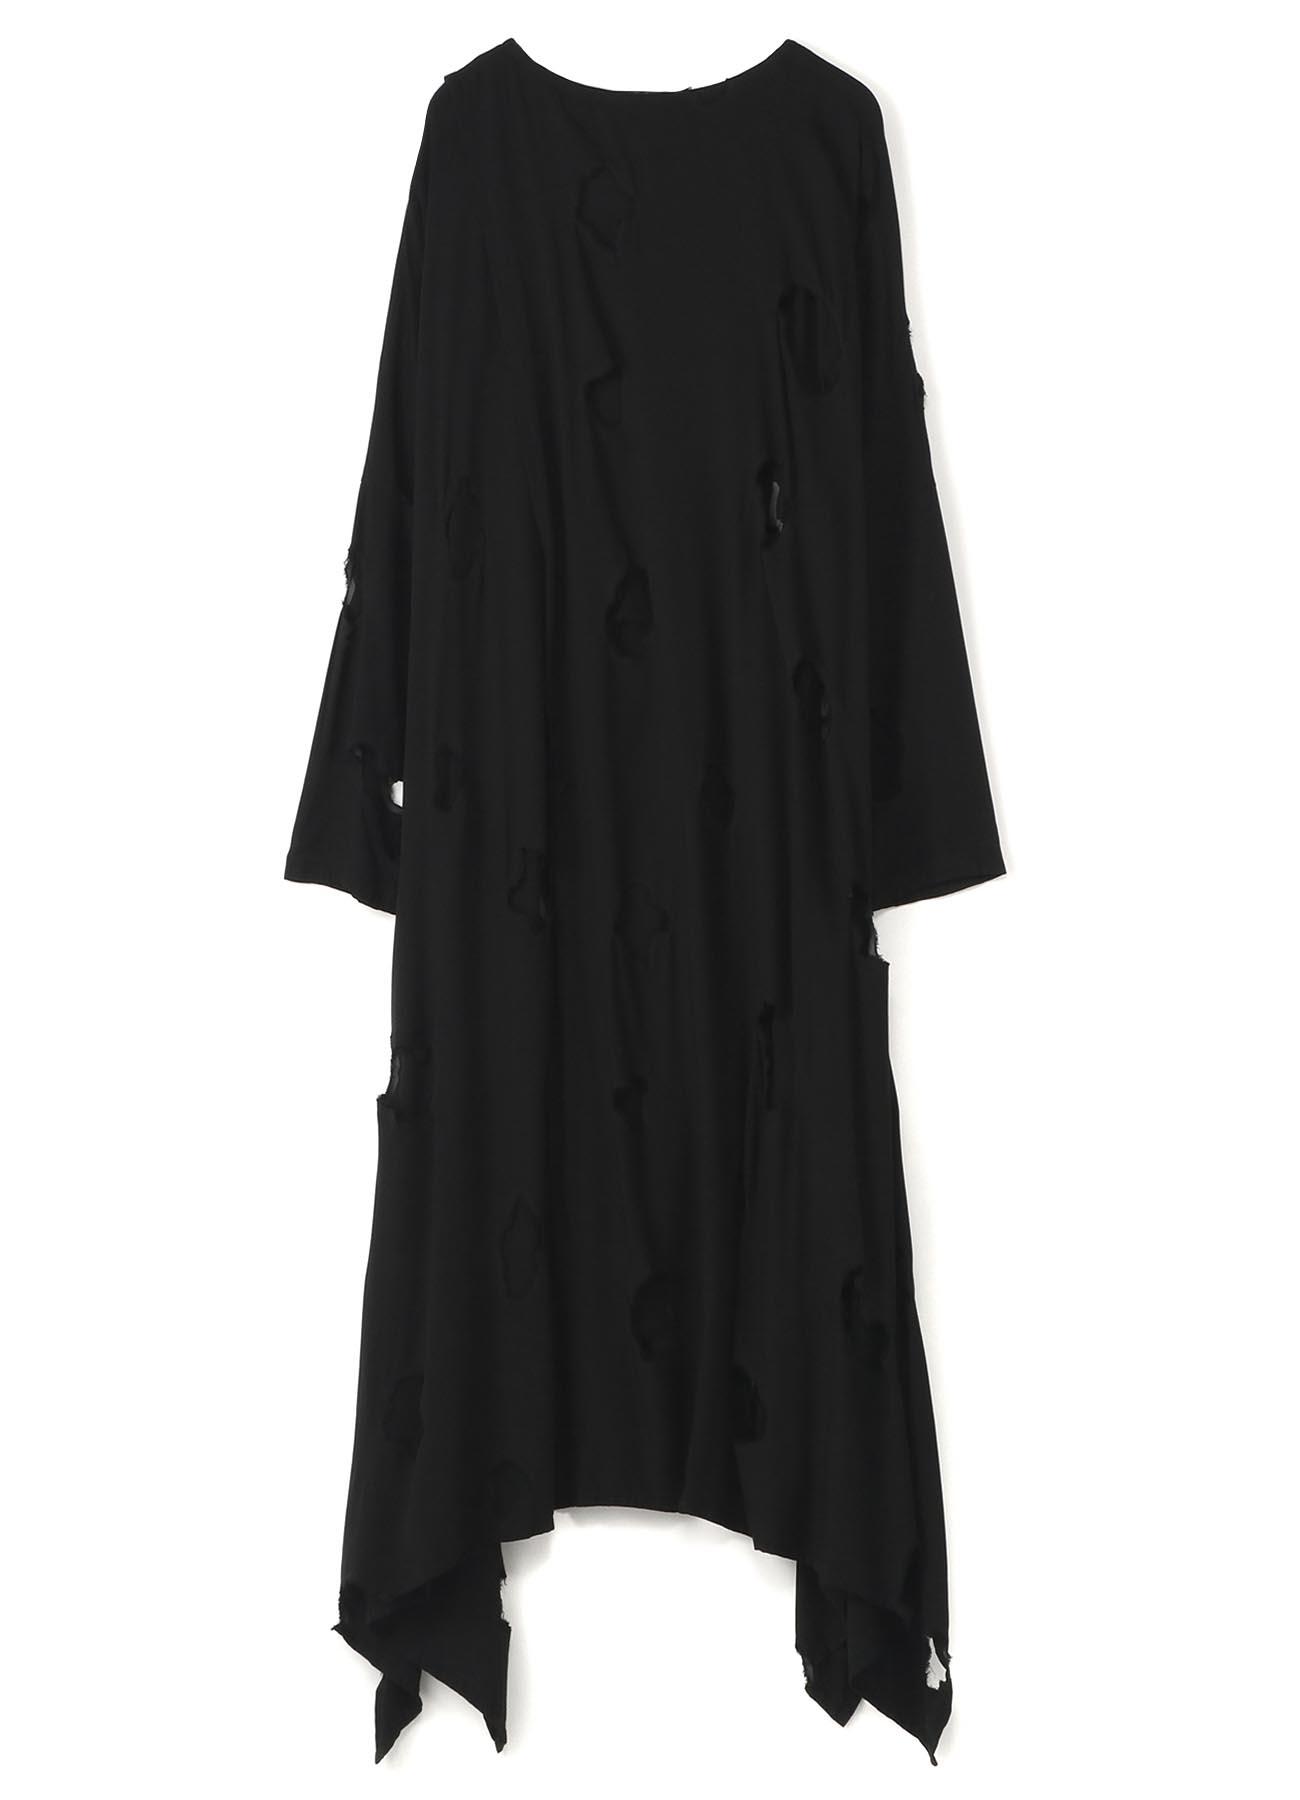 ホールツイルレイヤードドレス・B